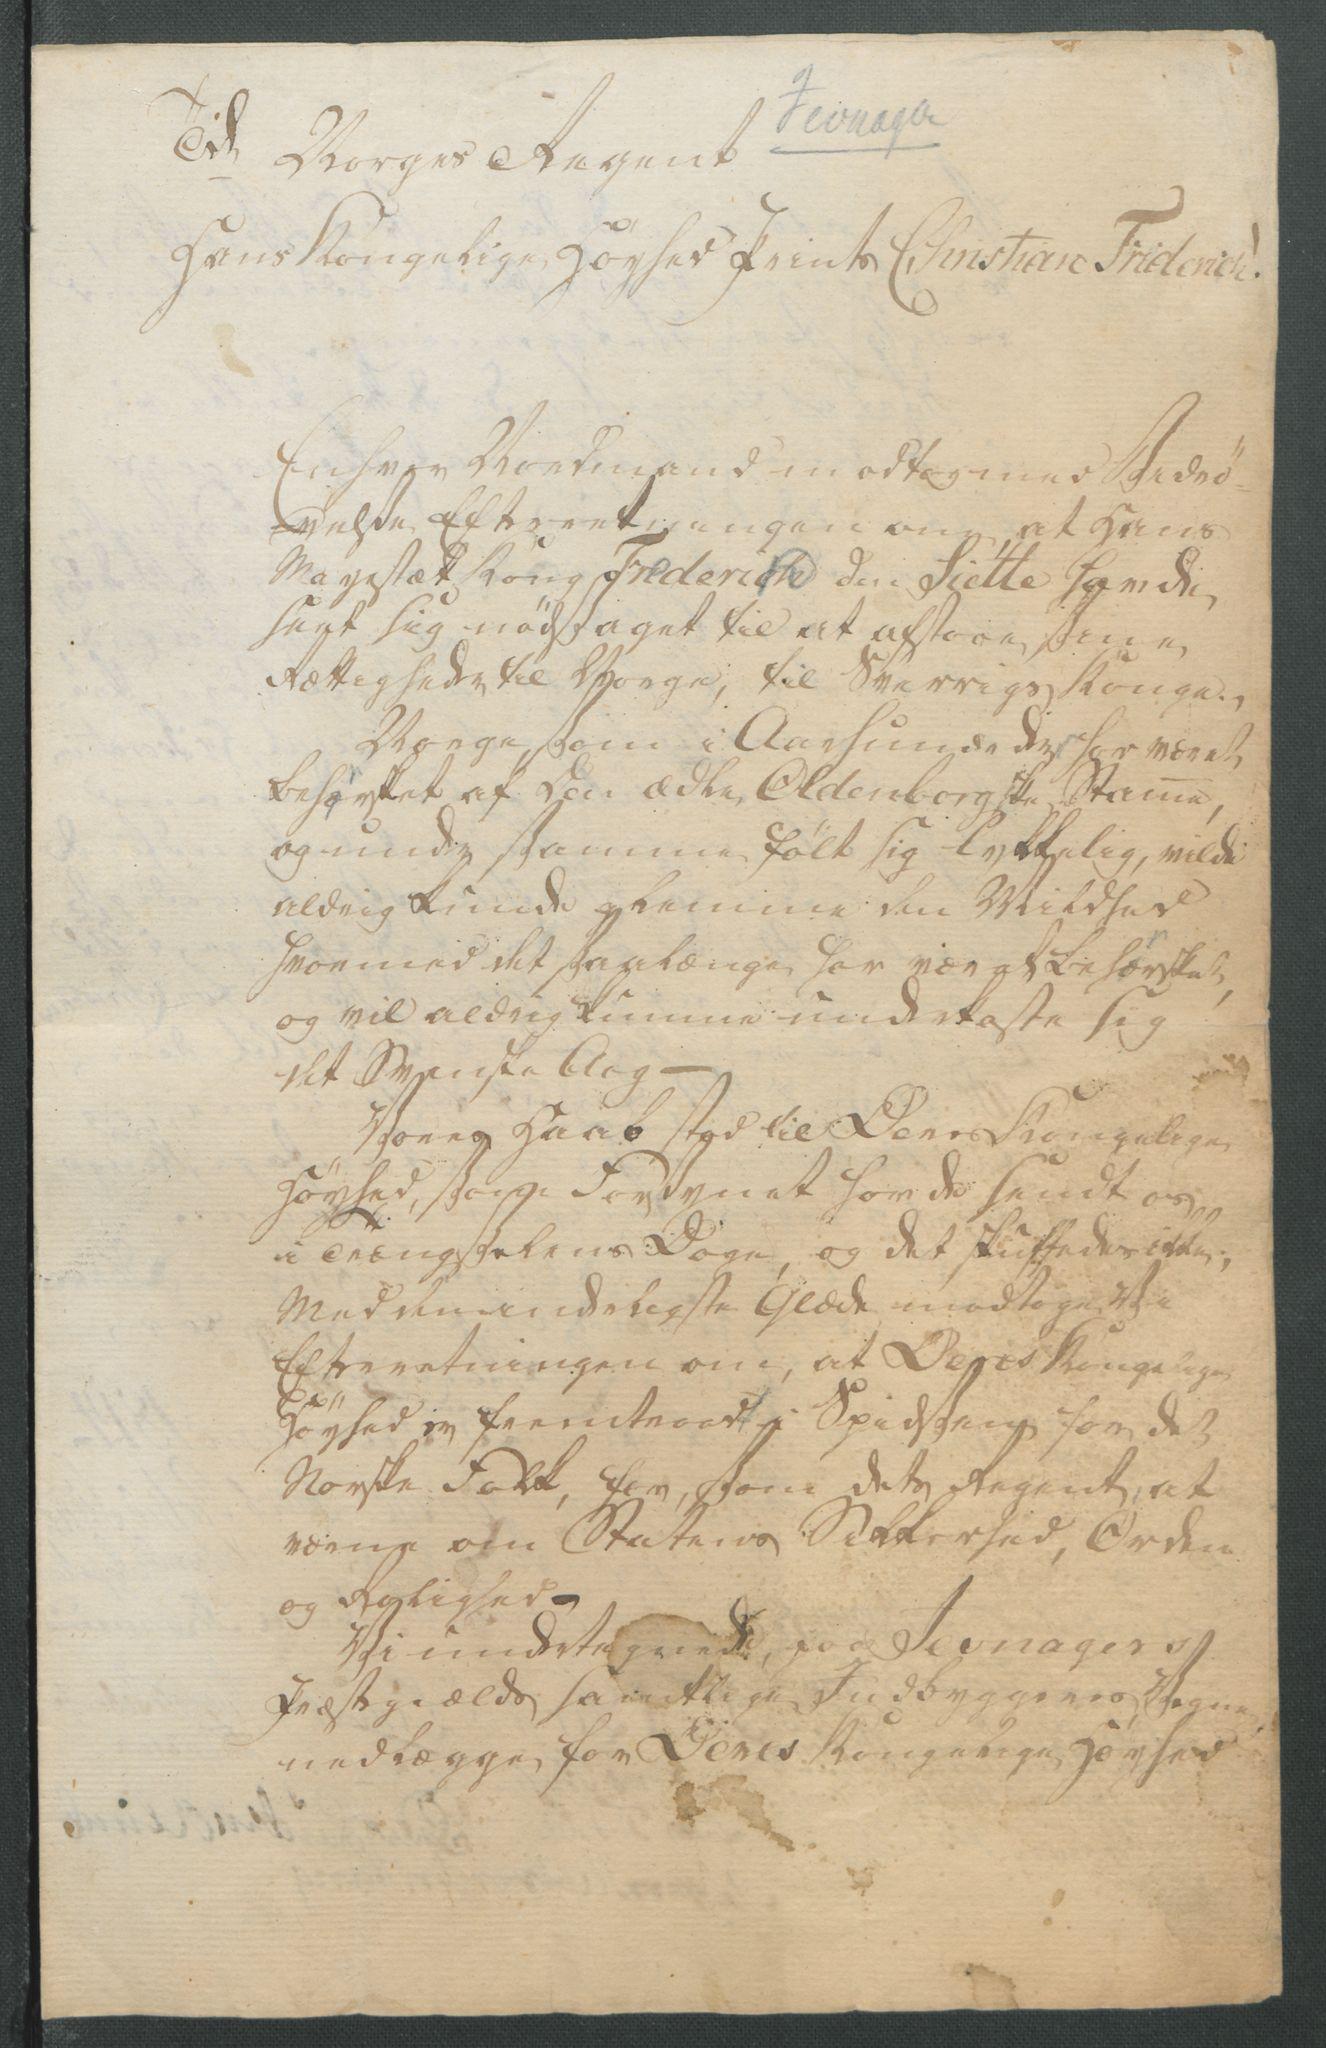 RA, Statsrådssekretariatet, D/Db/L0007: Fullmakter for Eidsvollsrepresentantene i 1814. , 1814, s. 264